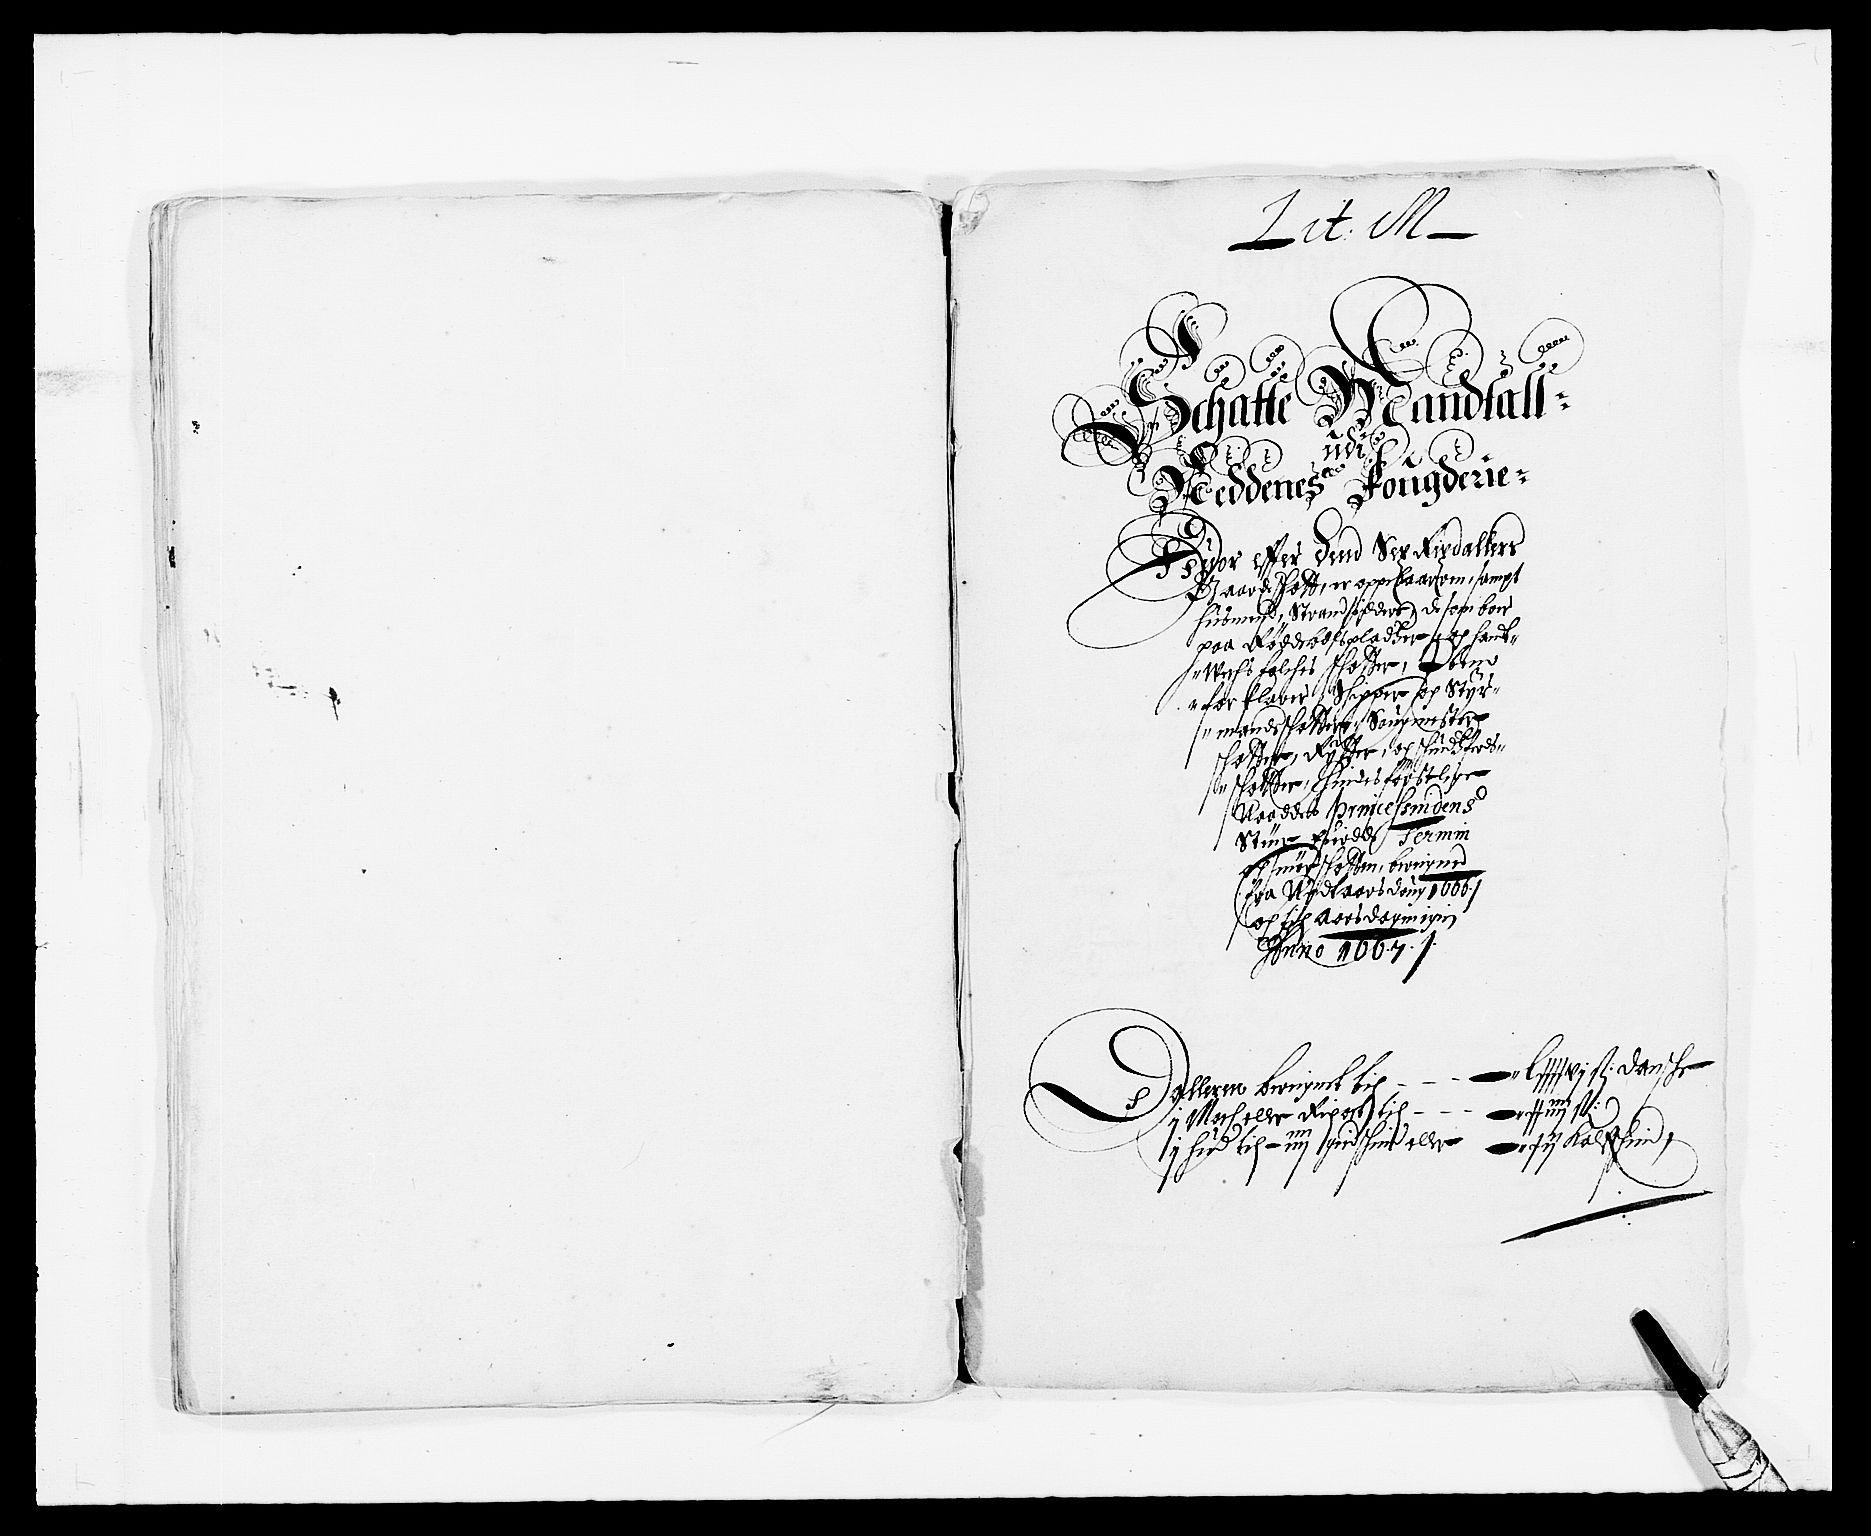 RA, Rentekammeret inntil 1814, Reviderte regnskaper, Fogderegnskap, R39/L2296: Fogderegnskap Nedenes, 1664-1666, s. 207